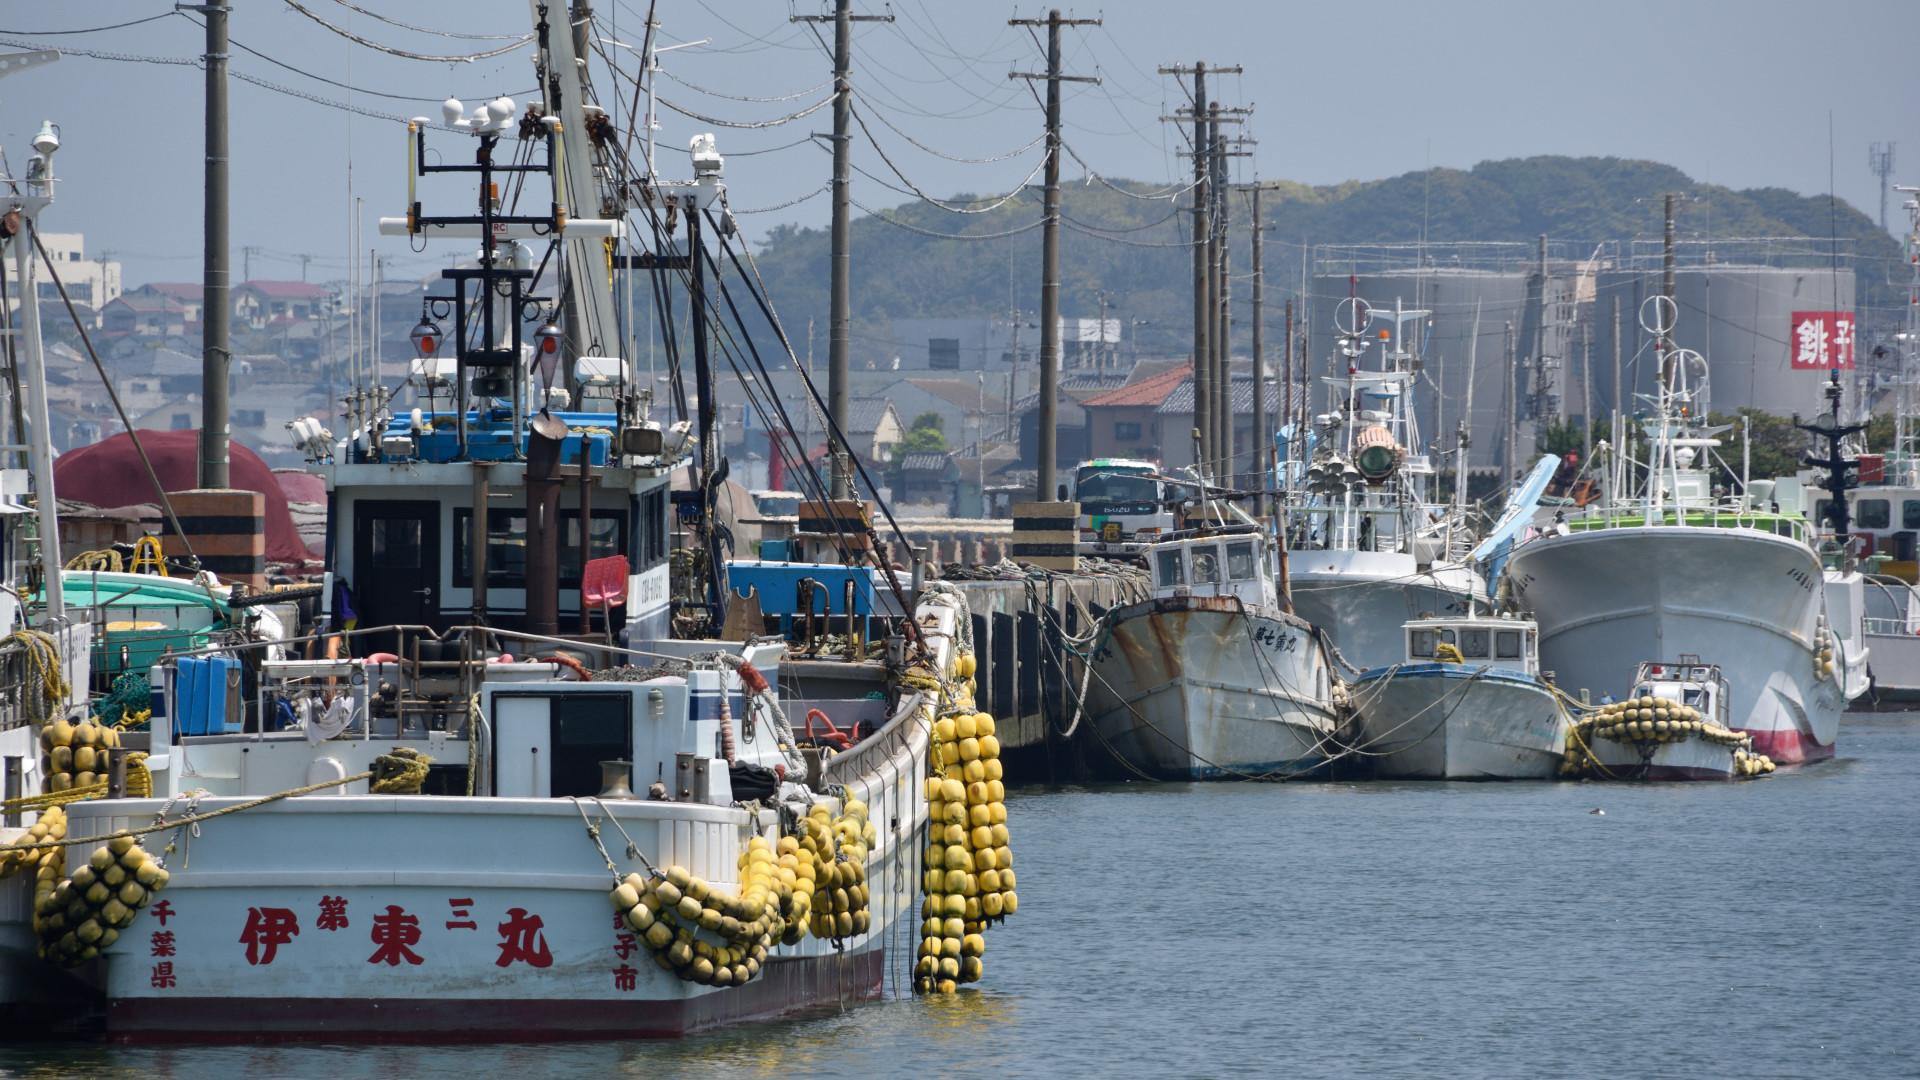 銚子漁港の漁船群